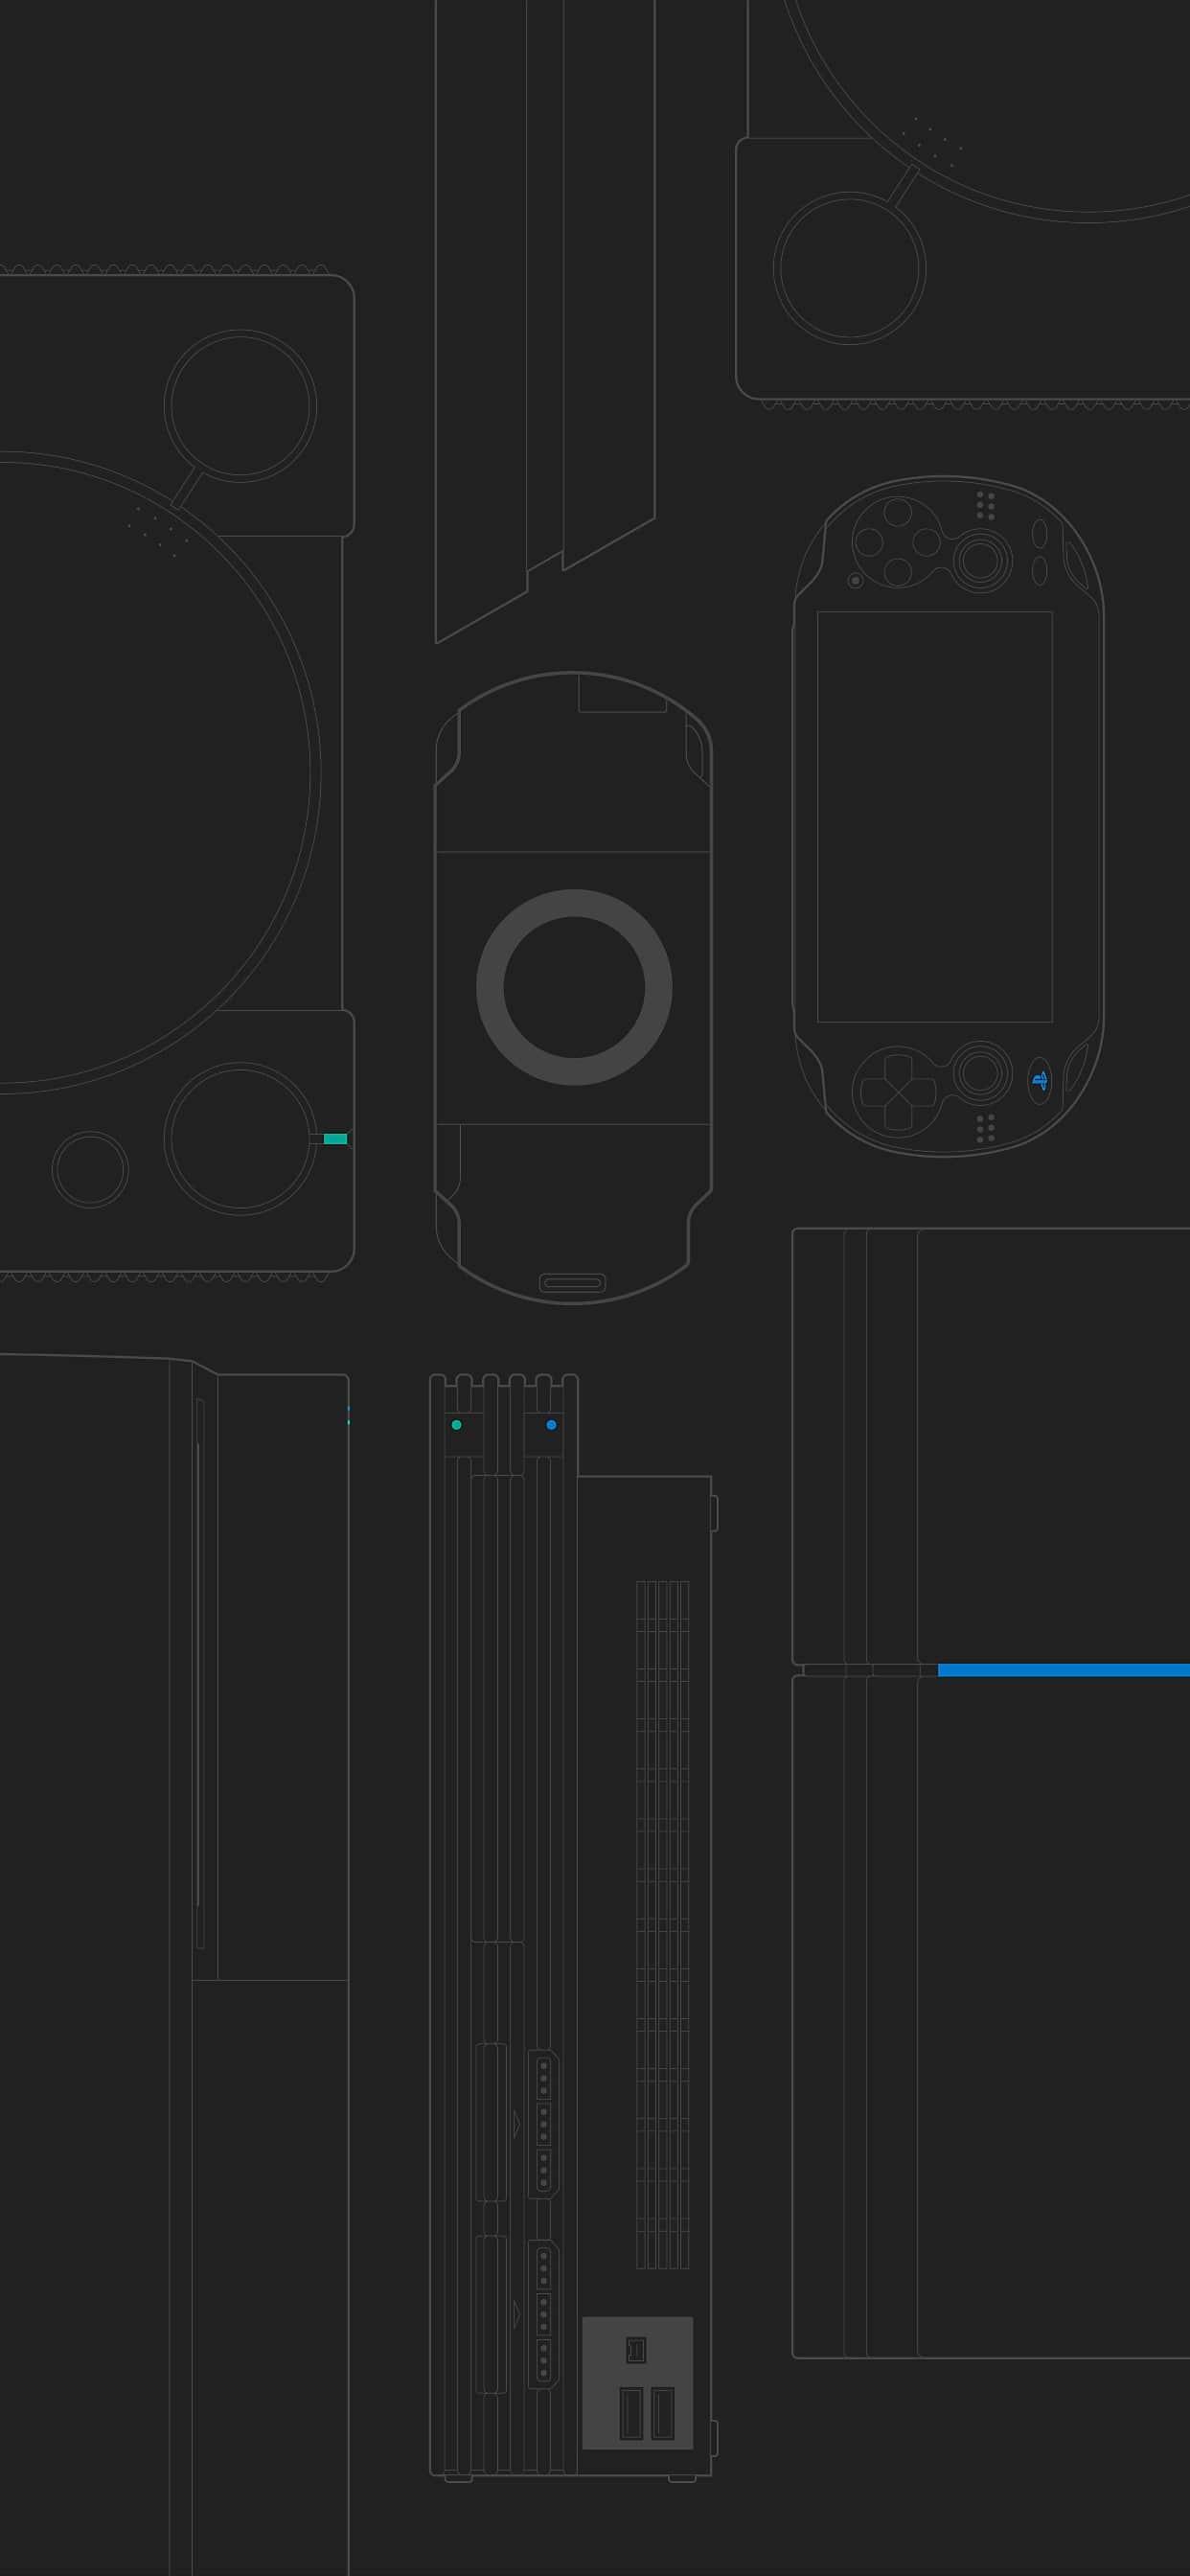 PlayStation oferece 8 papéis de parede em comemoração aos 25 anos 7